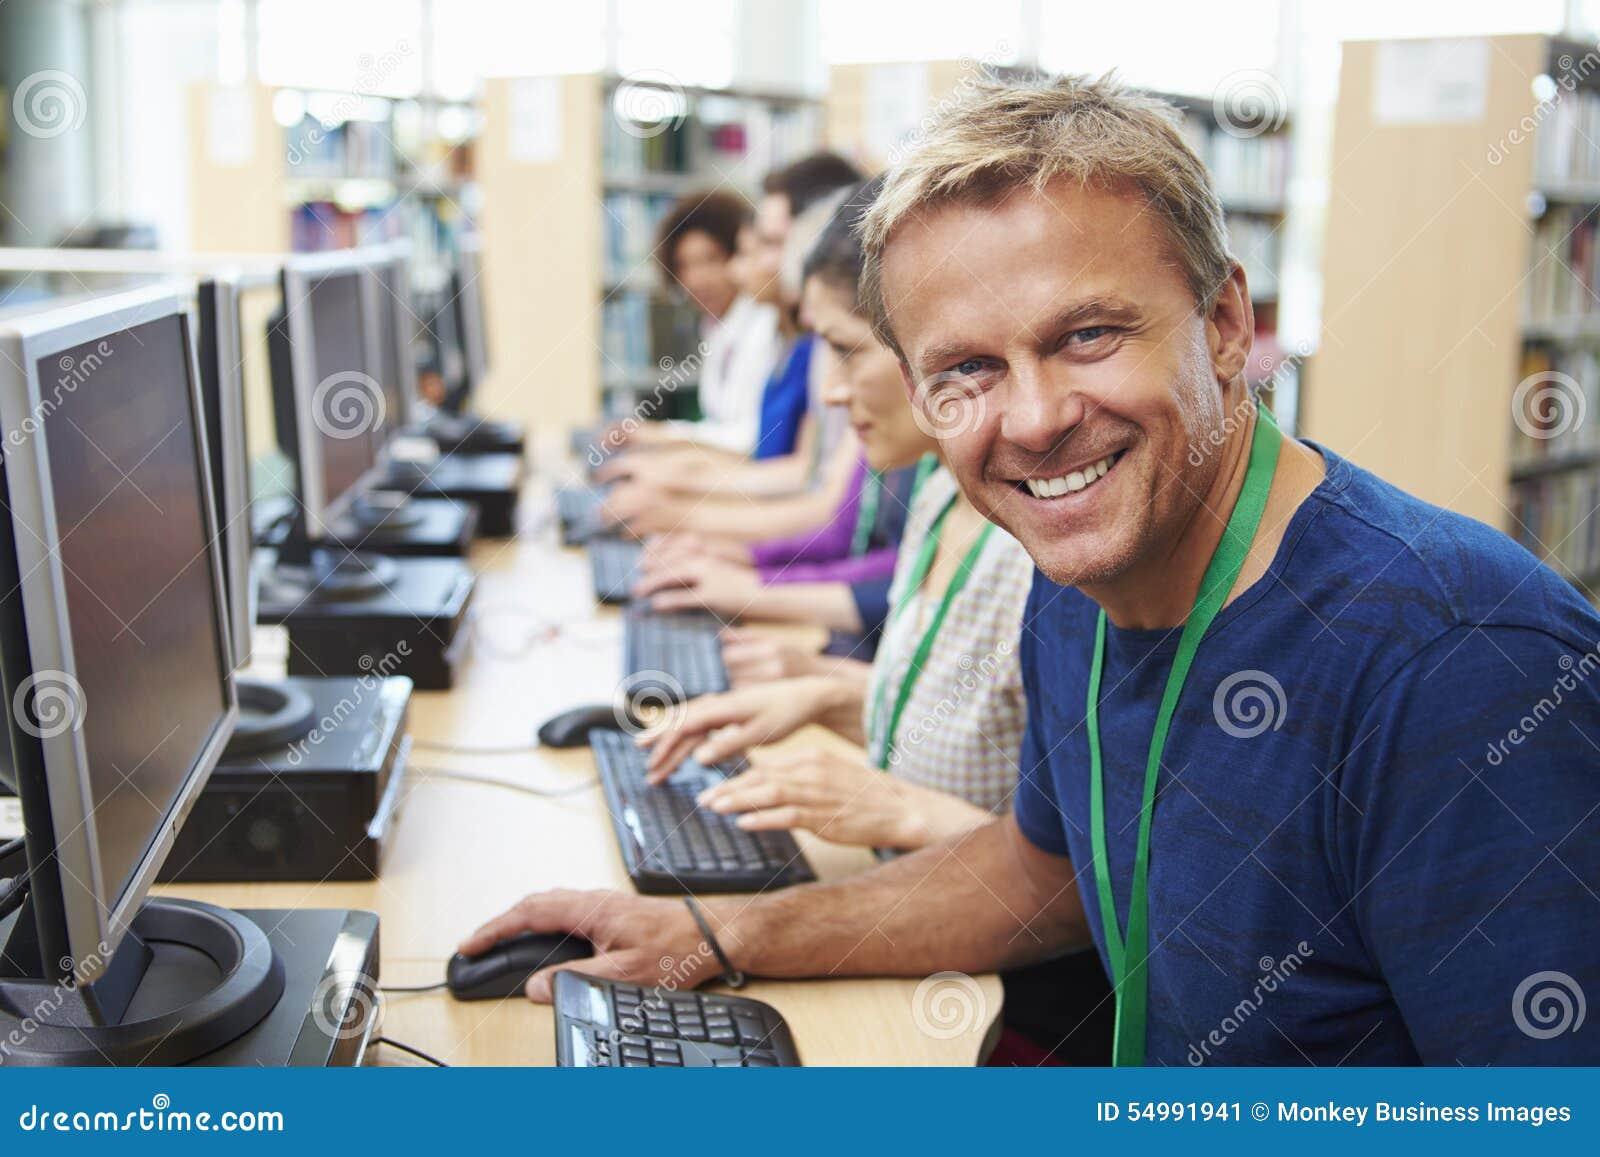 Grupp av mogna studenter som arbetar på datorer